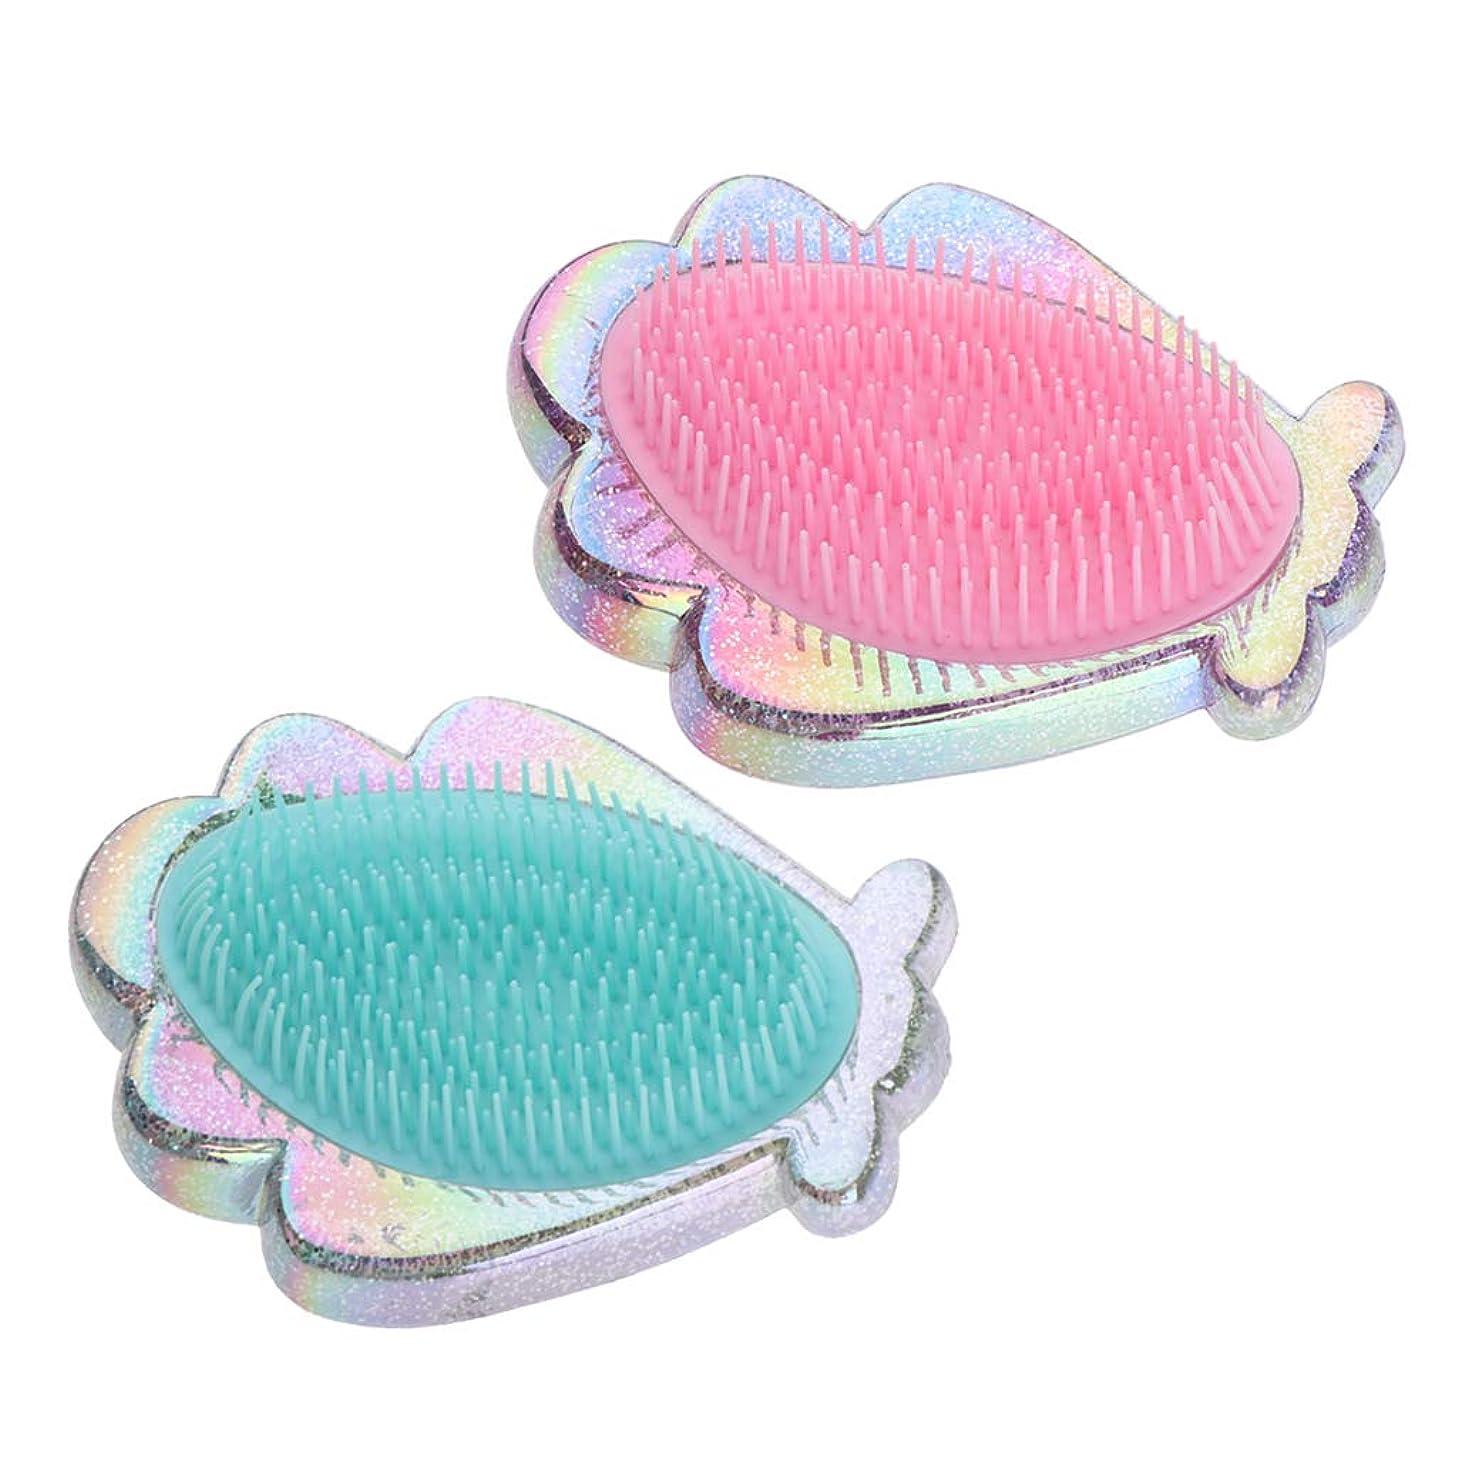 耳罹患率だらしないコーム ヘアコーム ヘアブラシ 静電気防止 プラスチック製 女性用 2個パック